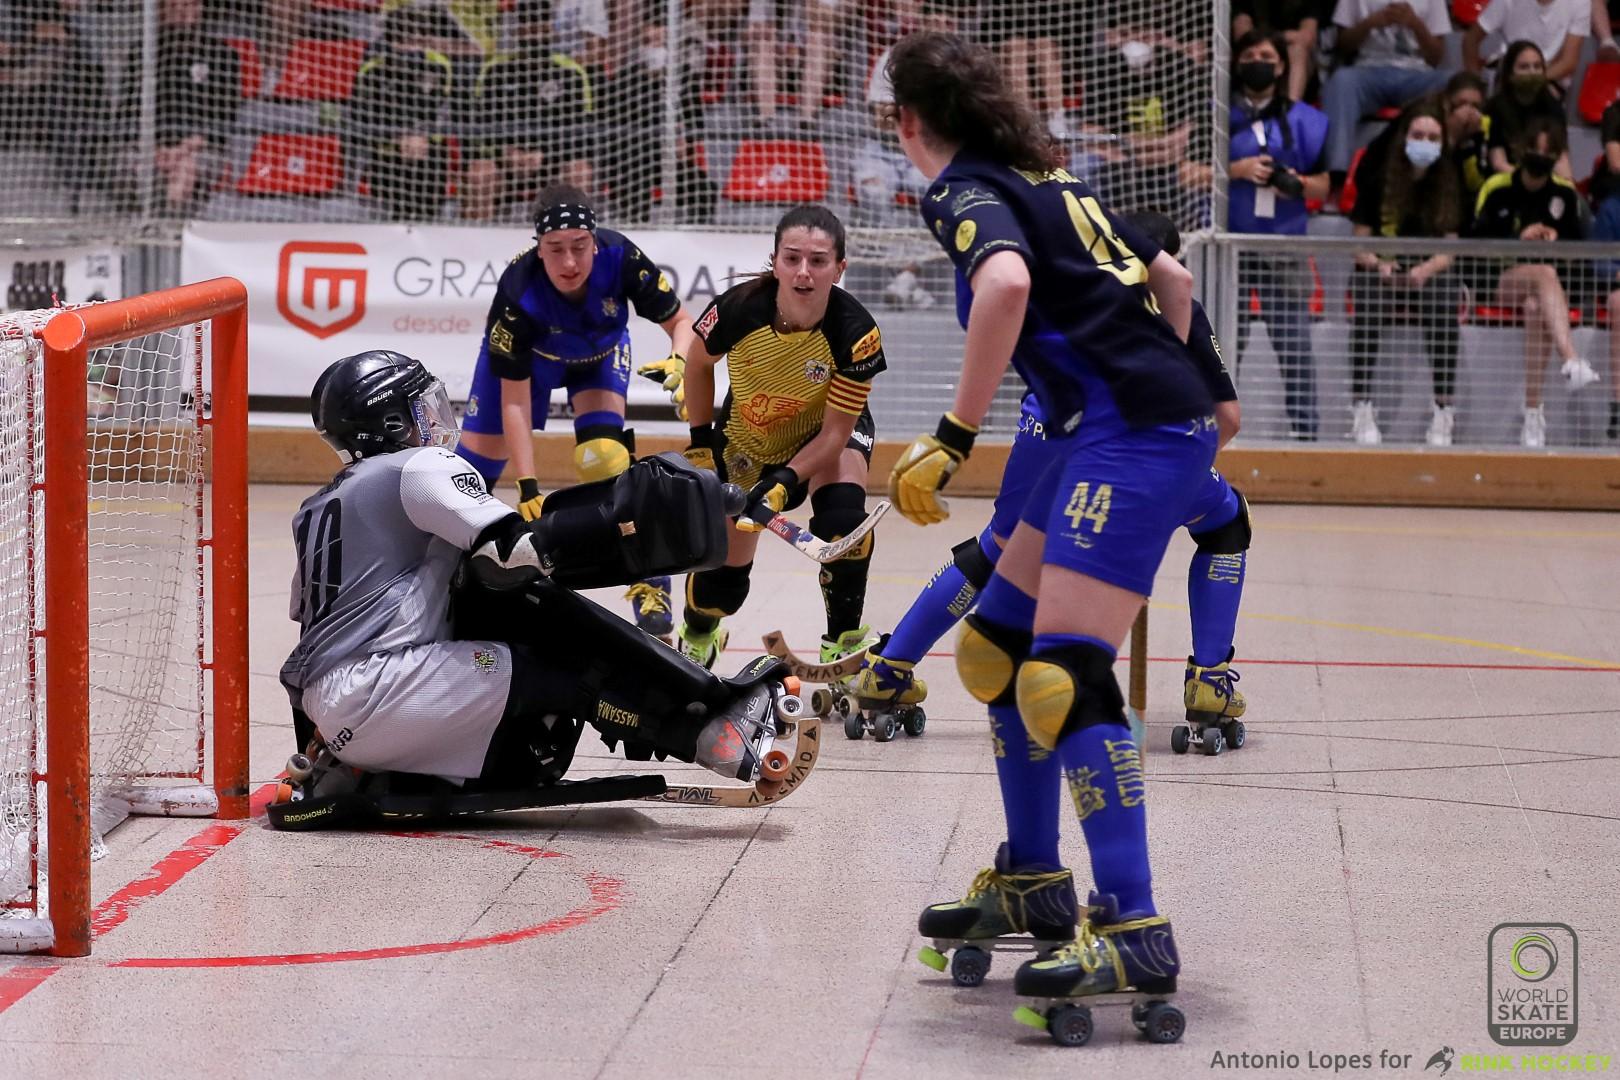 PHOTOS - 27-05-2021 - FEMALE LEAGUE CUP - Match #015 - Stuart HCM (PT) x Generali HC Palau (SP)